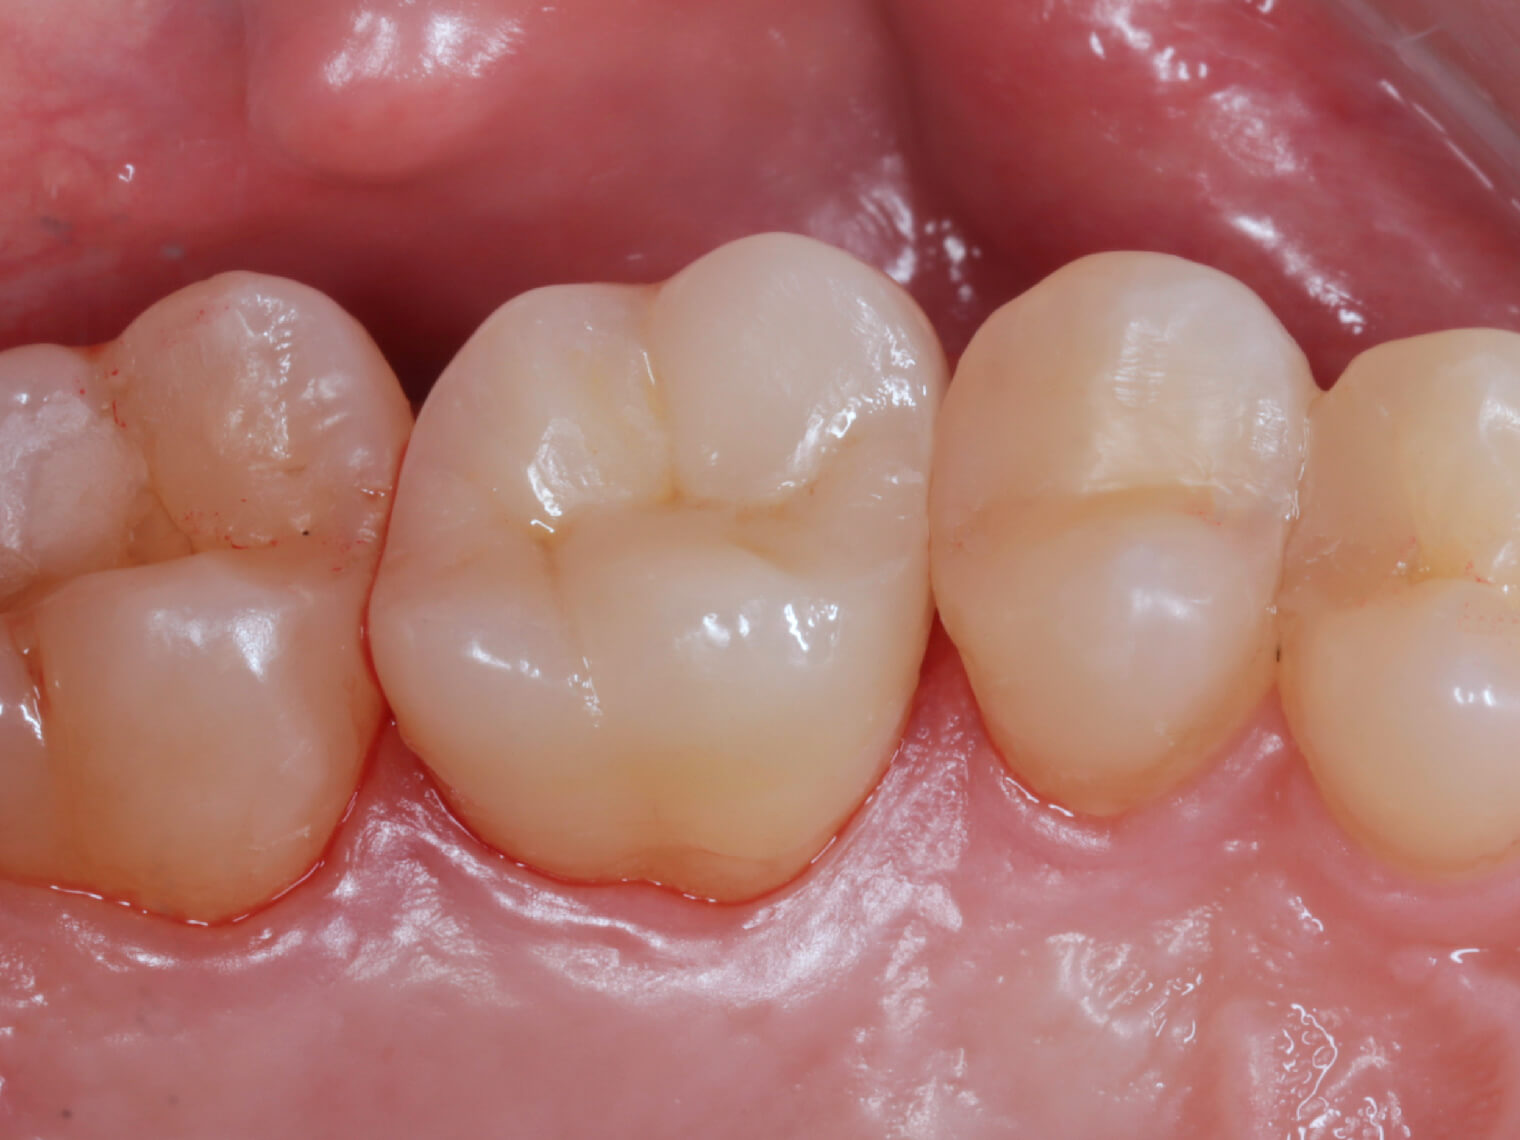 大範圍的蛀牙一定沒救了嗎?別急著放棄任何一絲的希望,經由醫師的診斷評估,透過「活髓保存術」,我們得以把牙齒神經留下,避免抽神經的命運。